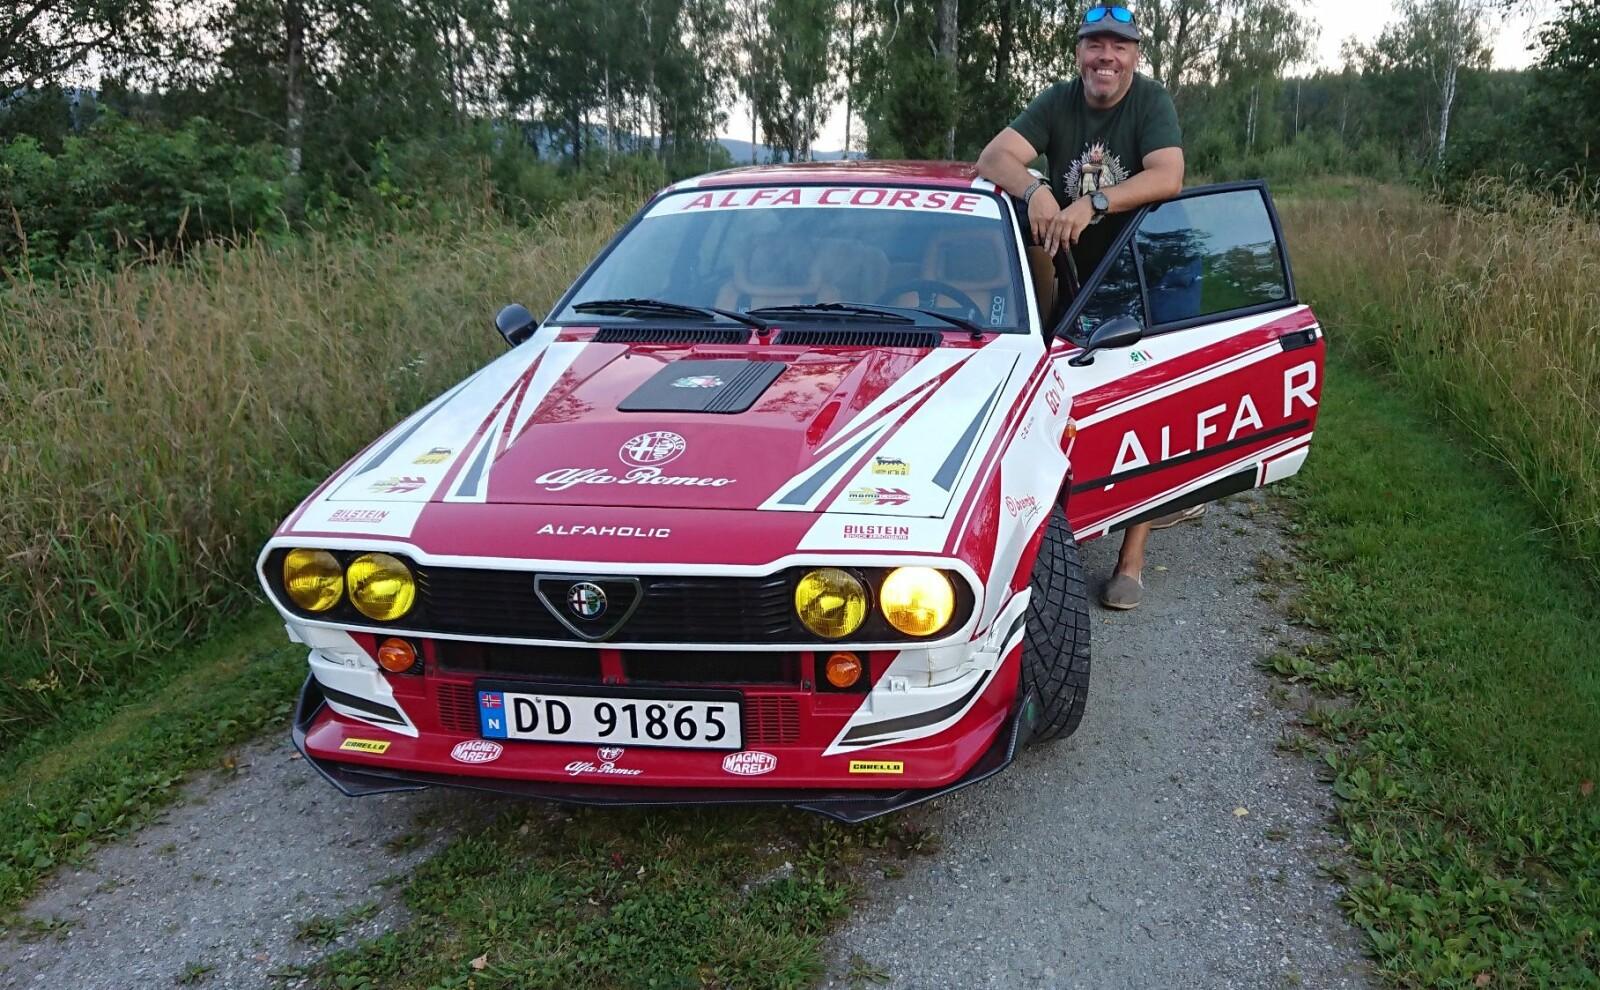 <b>FINN 15 FEIL:</b> – Å være Alfa-entusiast handler om å nyte bilen med alle dens feil, sier Eirik Nordbye.